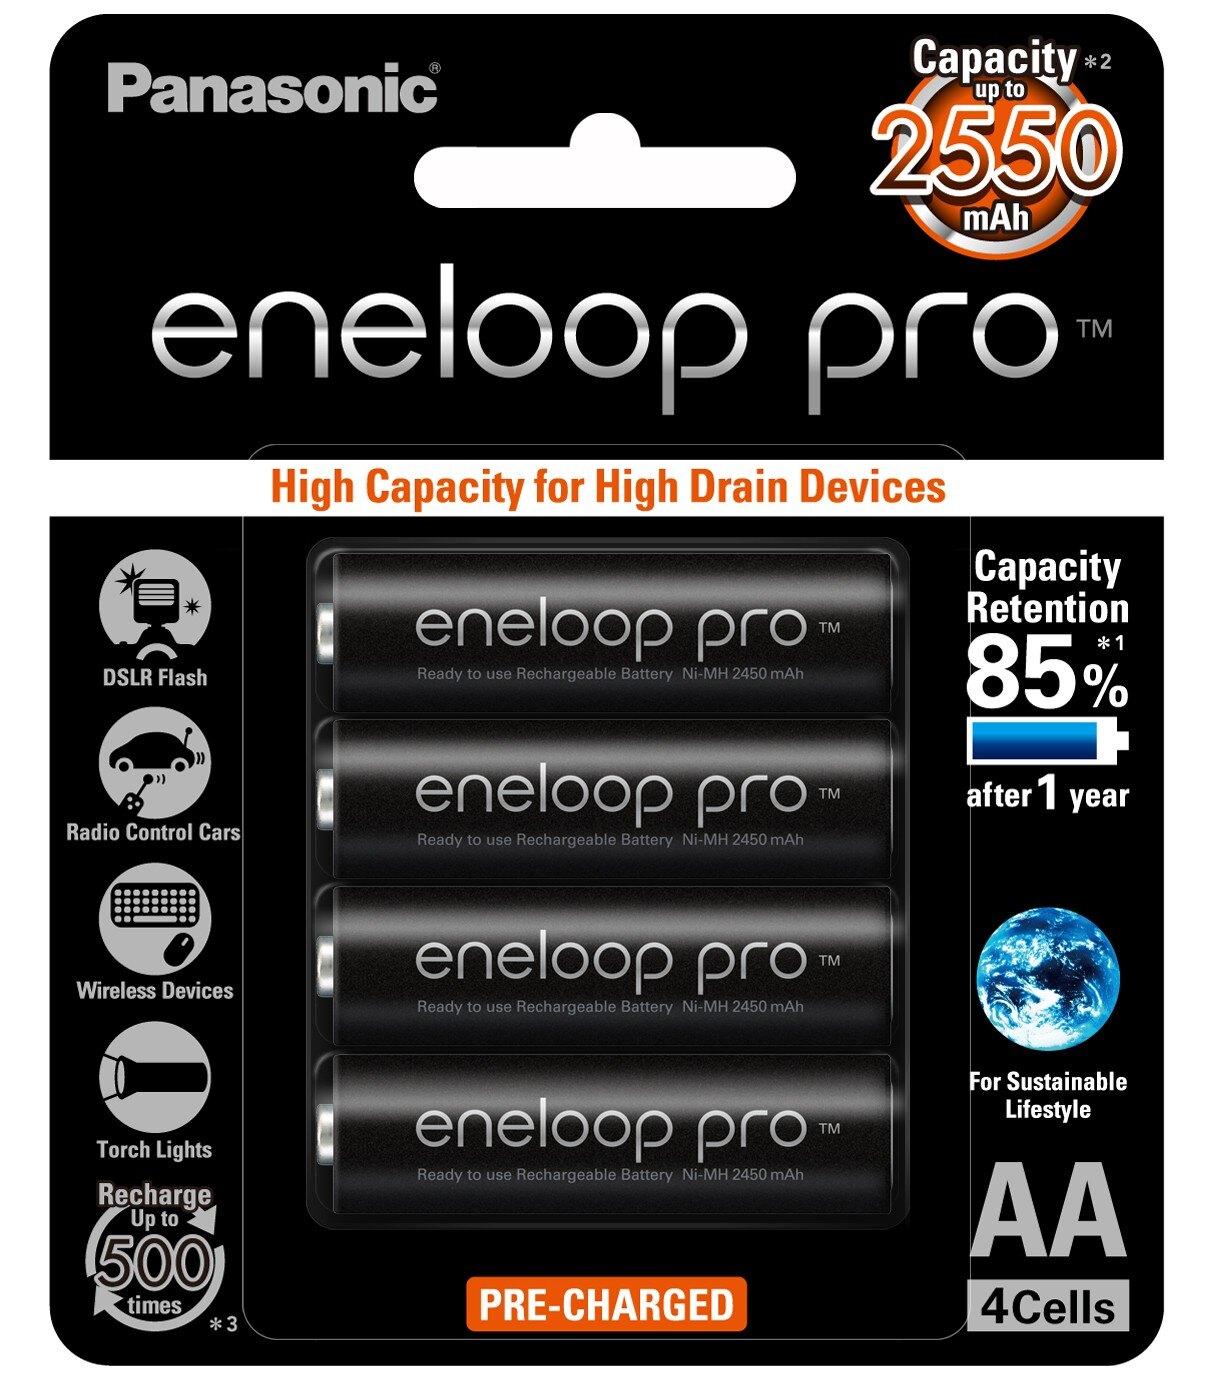 日本製 Panasonic 國際牌 eneloop pro 3號AA (大顆)  2550mAh低自放電池 4入裝送電池盒